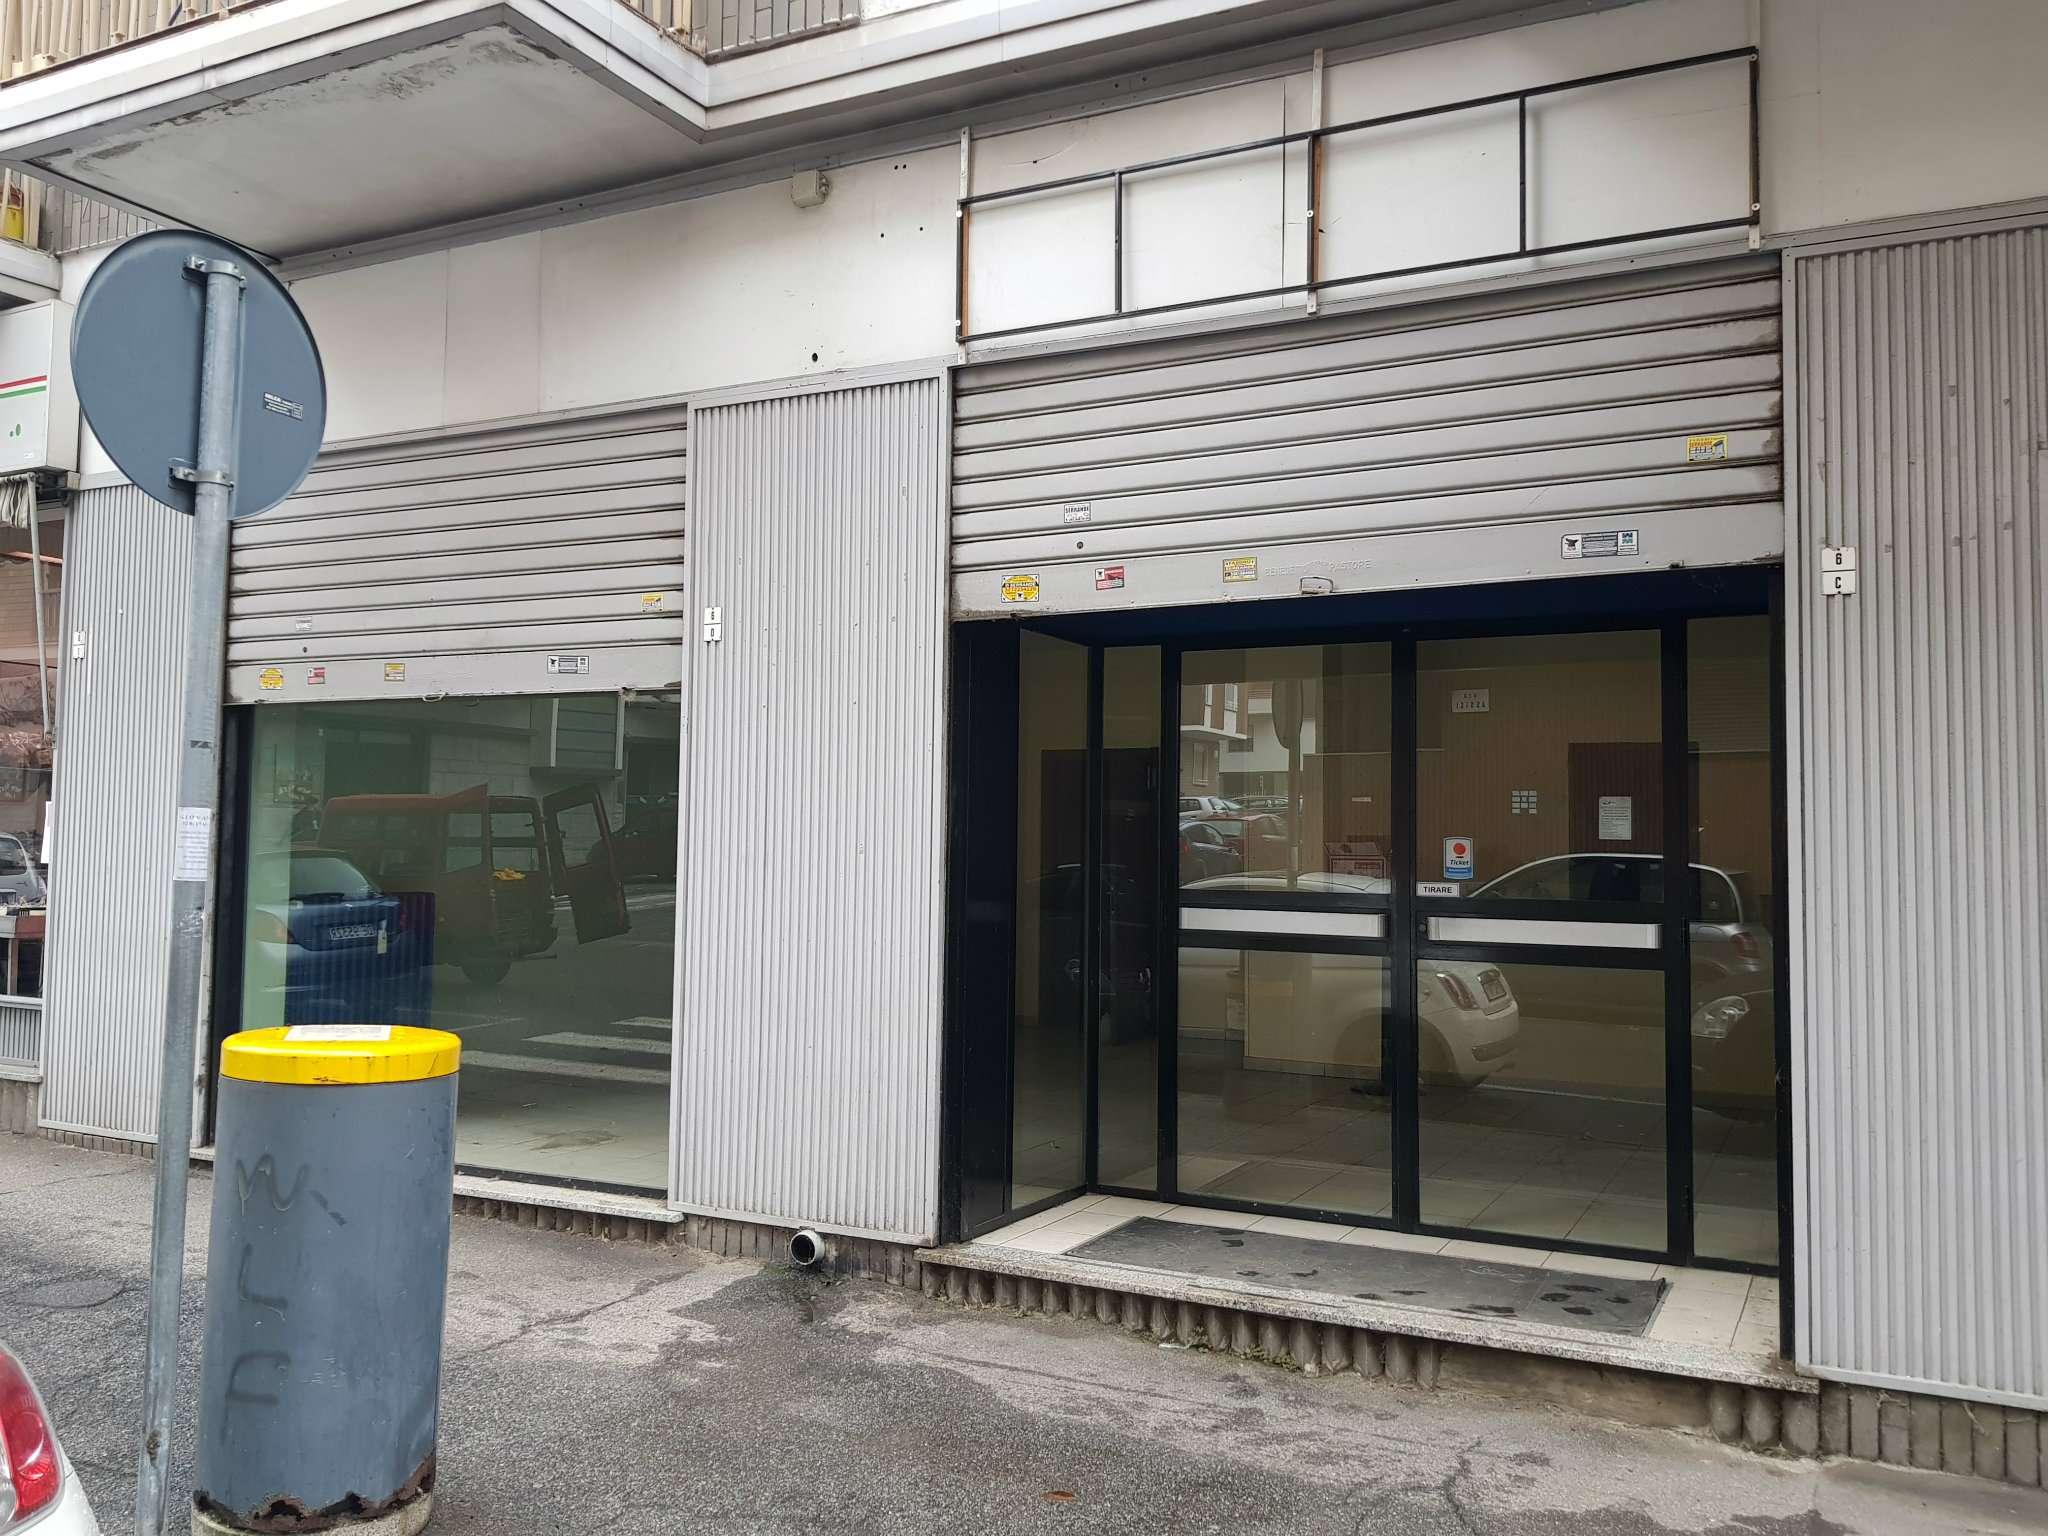 Negozio / Locale in vendita a Rivoli, 3 locali, prezzo € 98.000 | PortaleAgenzieImmobiliari.it